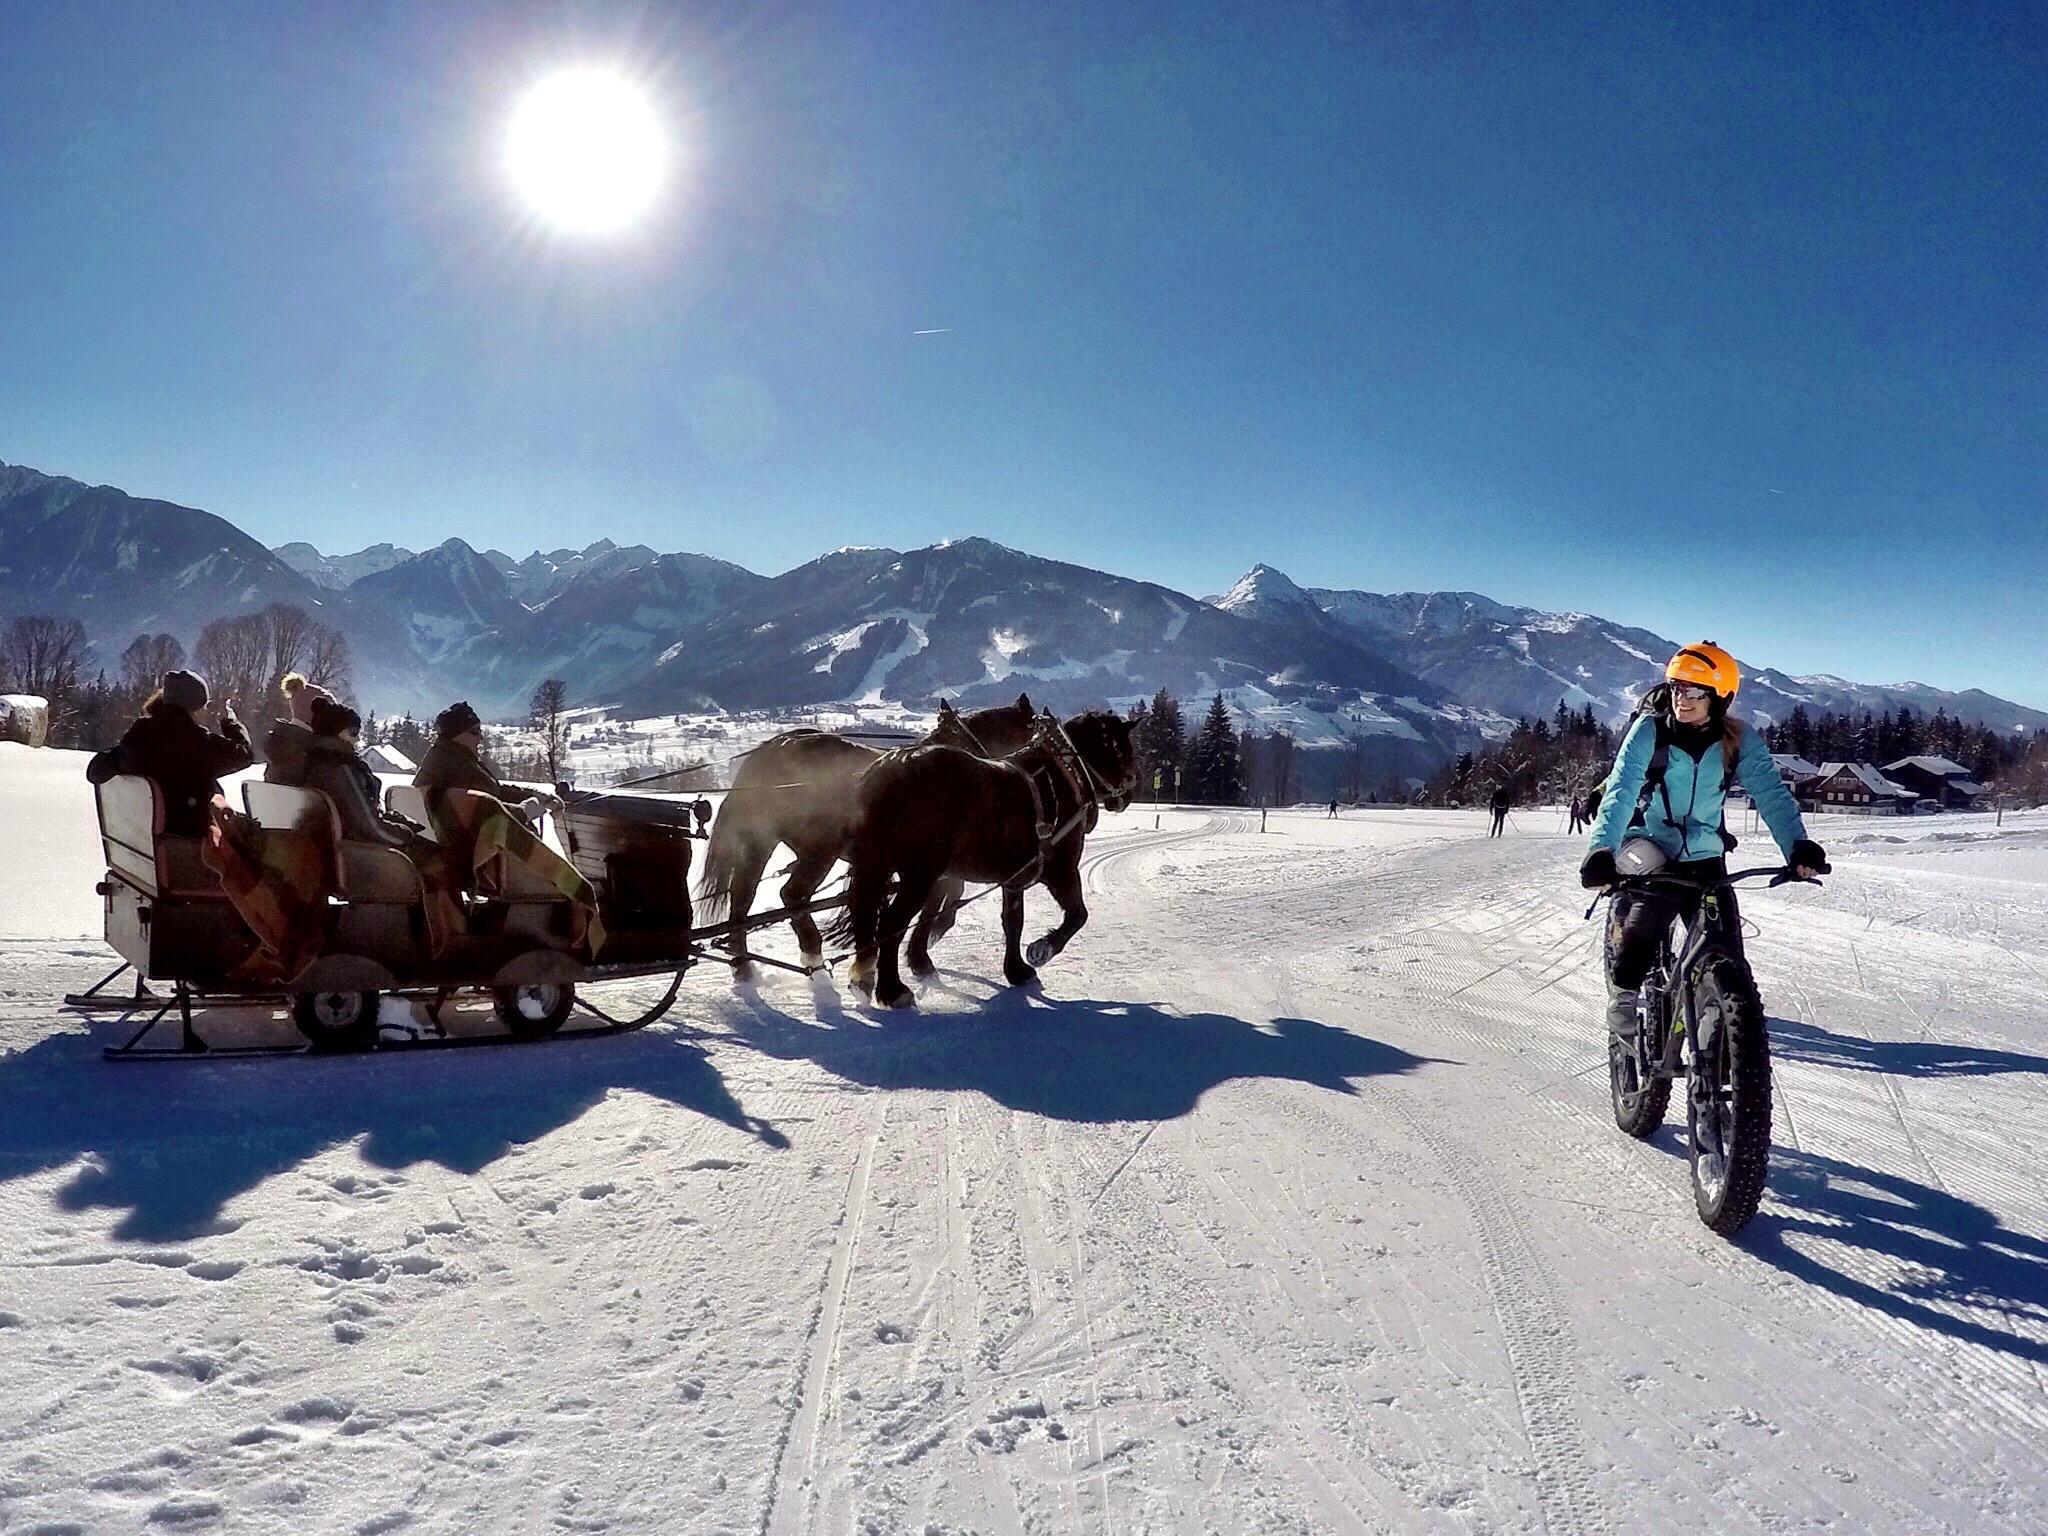 Schlittenfahrt in der herrlichen Winterlandschaft